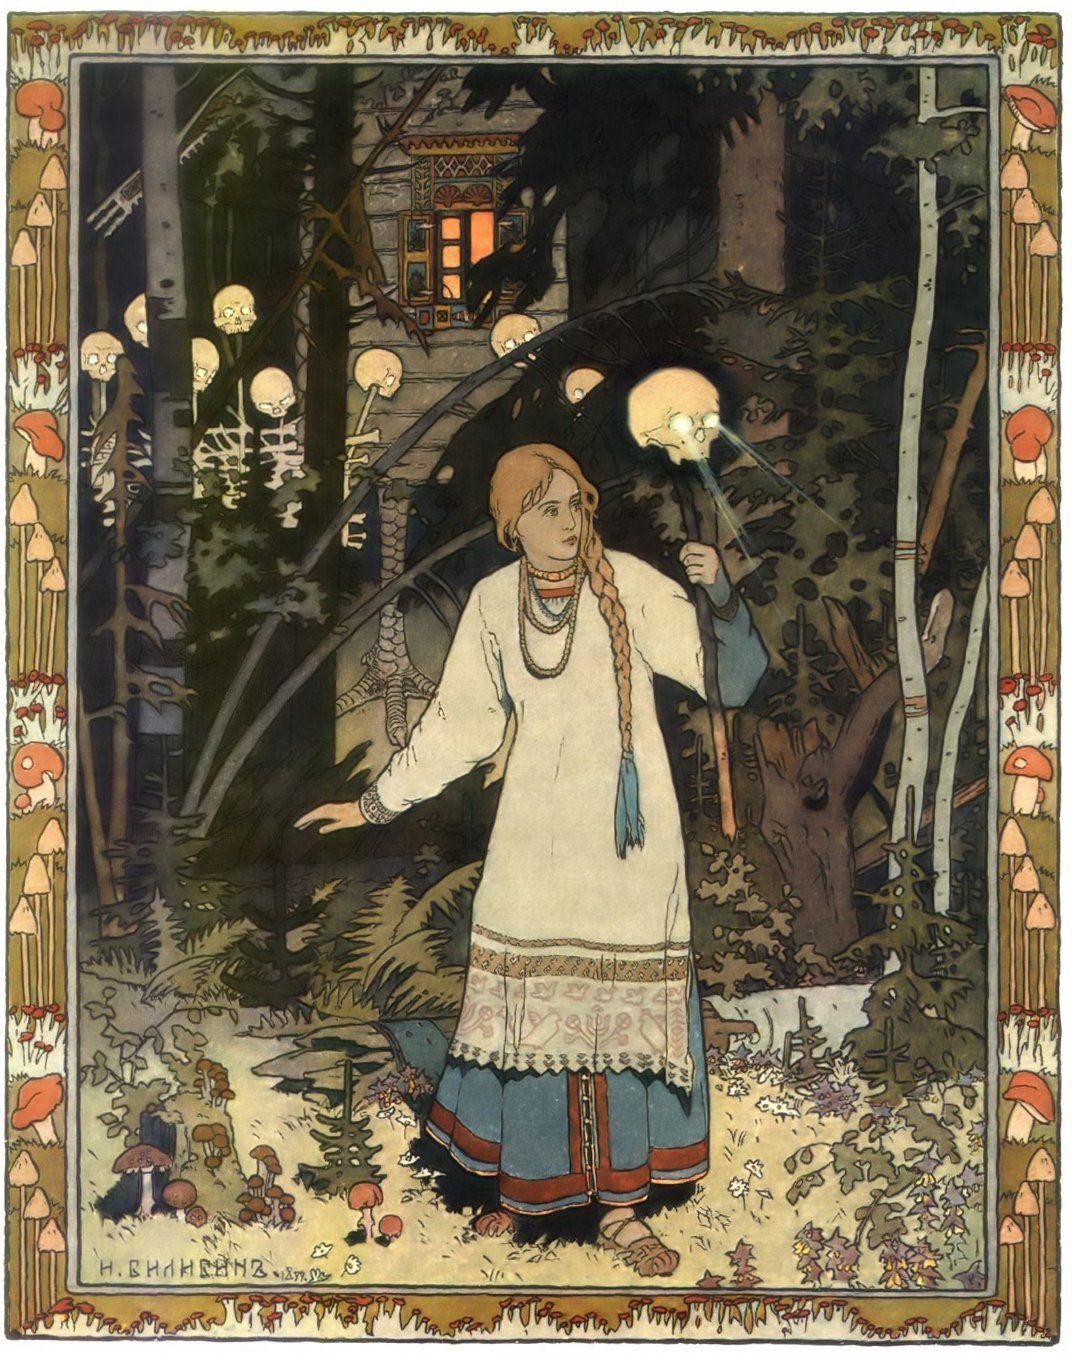 Vasilisa llevando consigo uno de los craneso resplandecientes de la cabaña de Baba Yaga que se puede observar en el fondo. Pintura de Ivan Bilibin.